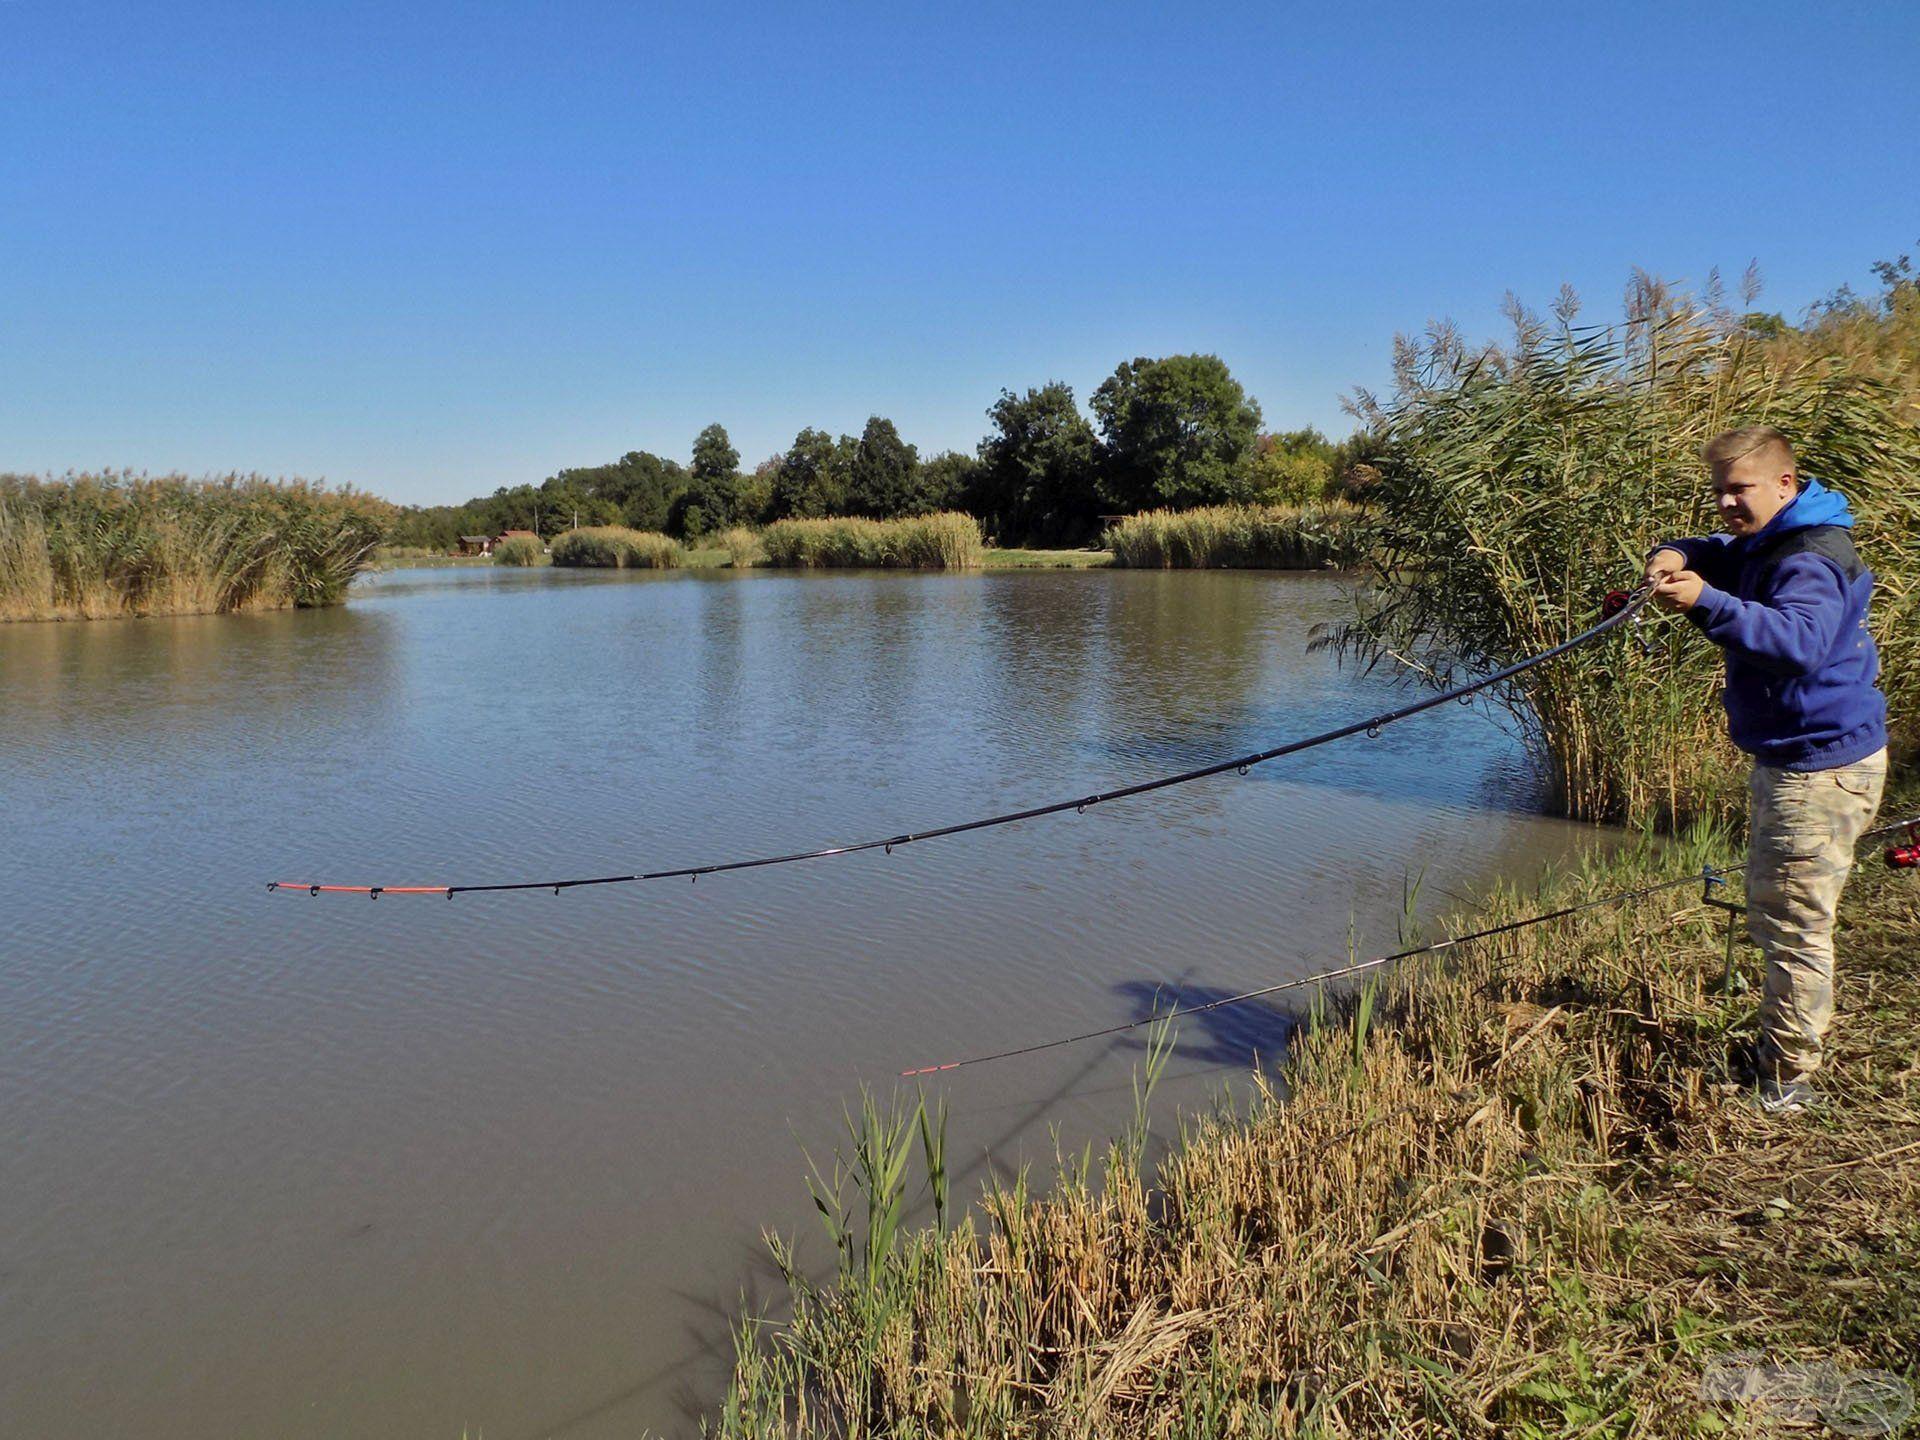 … majd fárasztani a tó remek erőben lévő pontyait. By Döme - Master Carp Pro Heavy feederbotjaim minden esetben a helyzet magaslatán álltak, legyen szó bármekkora halról!